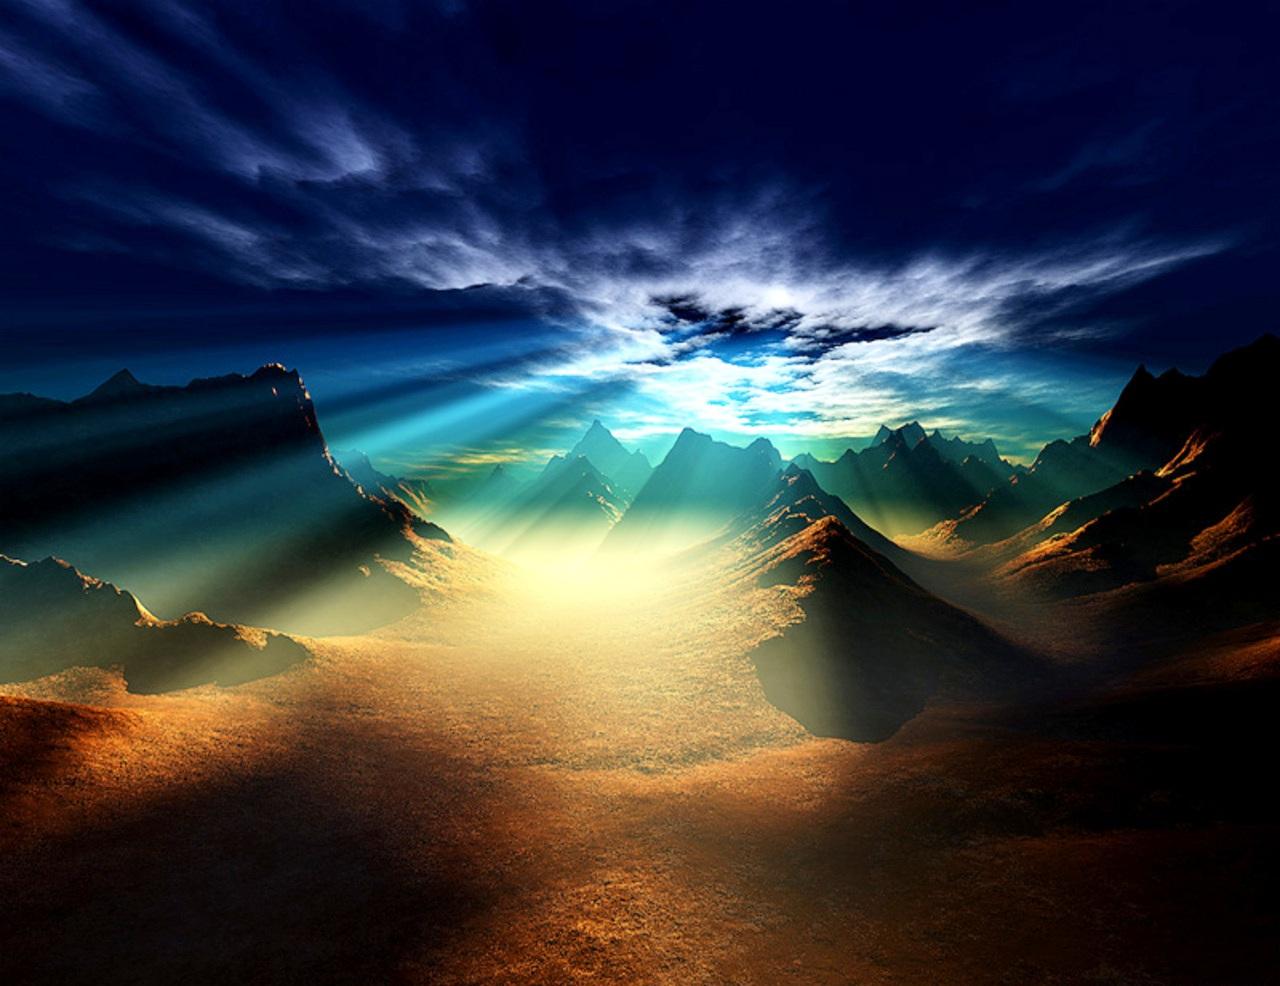 http://4.bp.blogspot.com/_CIHP4UEhyMg/TNQaCMXp50I/AAAAAAAAAZU/8VAPaXCO9js/s1600/desert-hd-wallpaper-sun.jpg